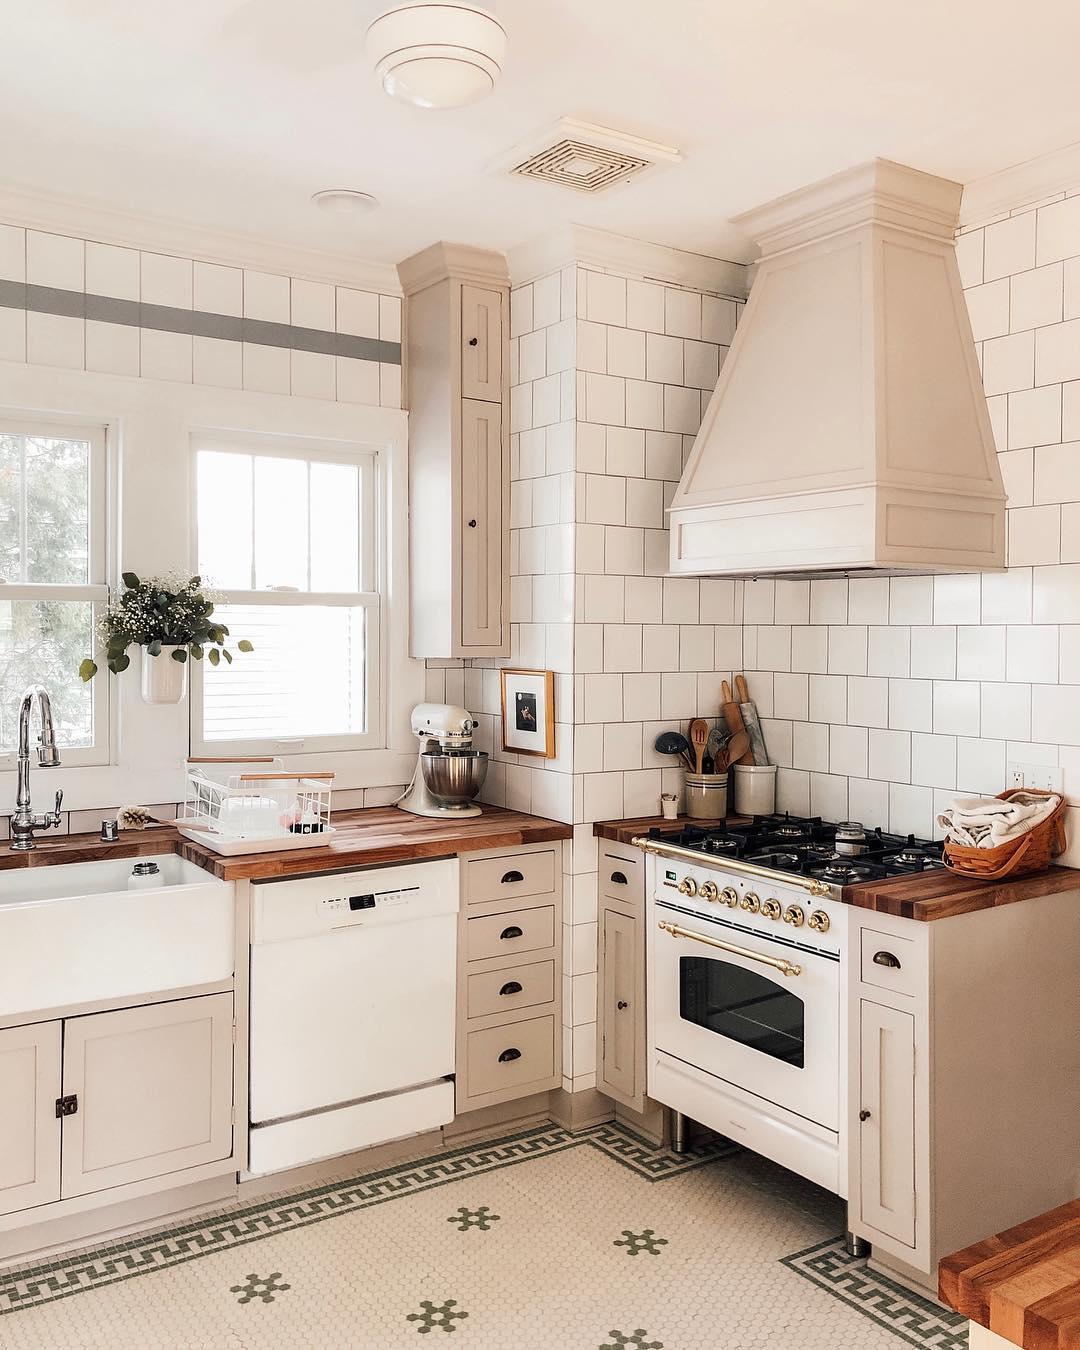 Bri's muted neutral kitchen makeover